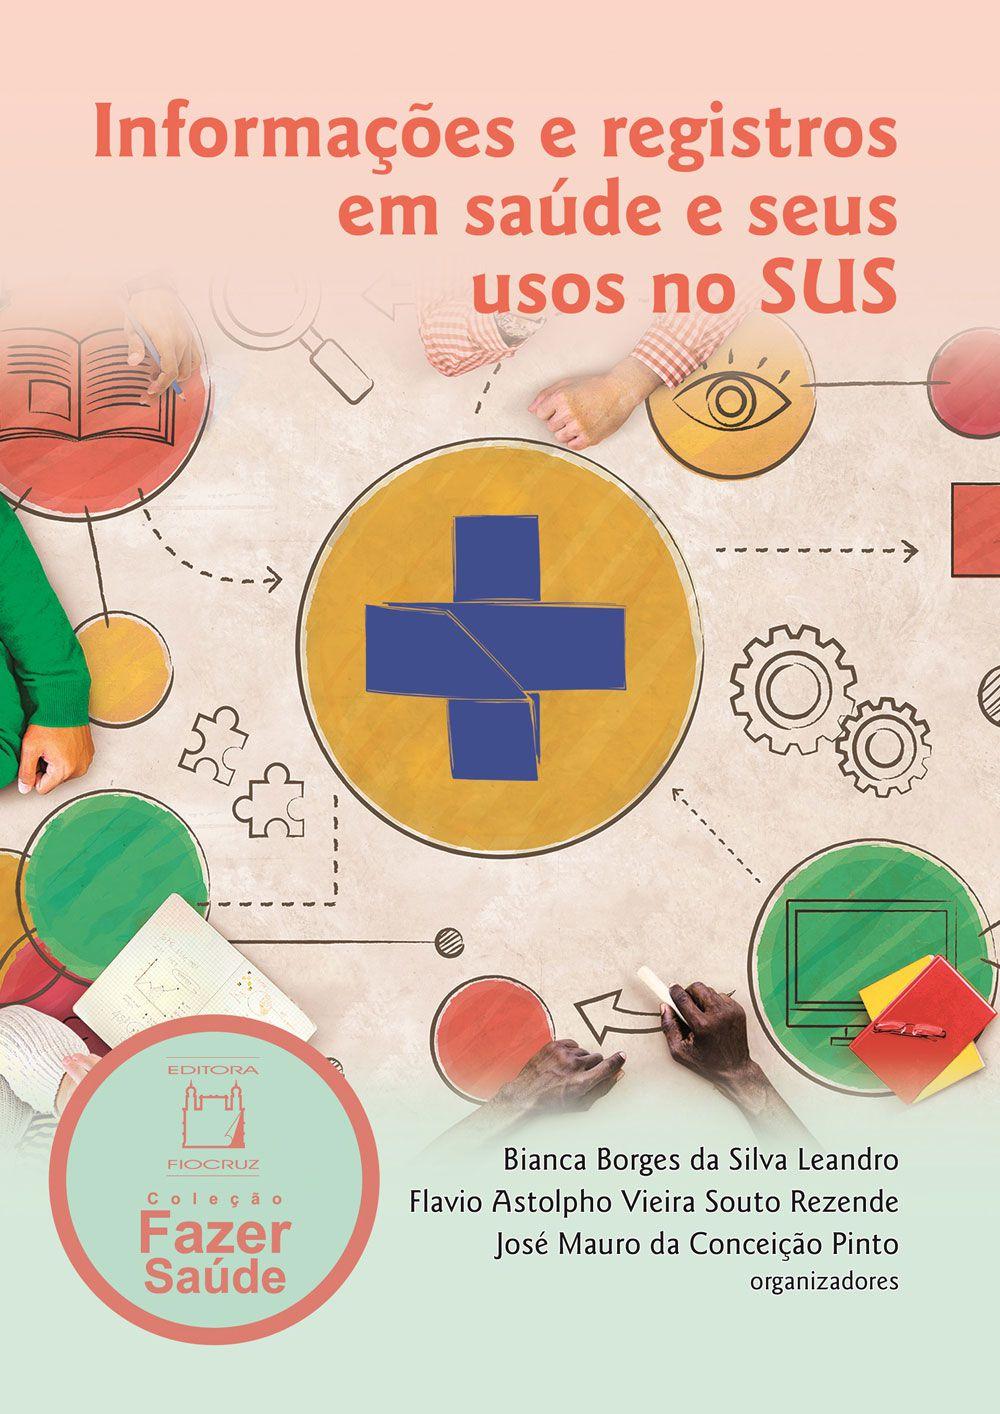 Informações e registros em saúde e seus usos no SUS  - Livraria Virtual da Editora Fiocruz